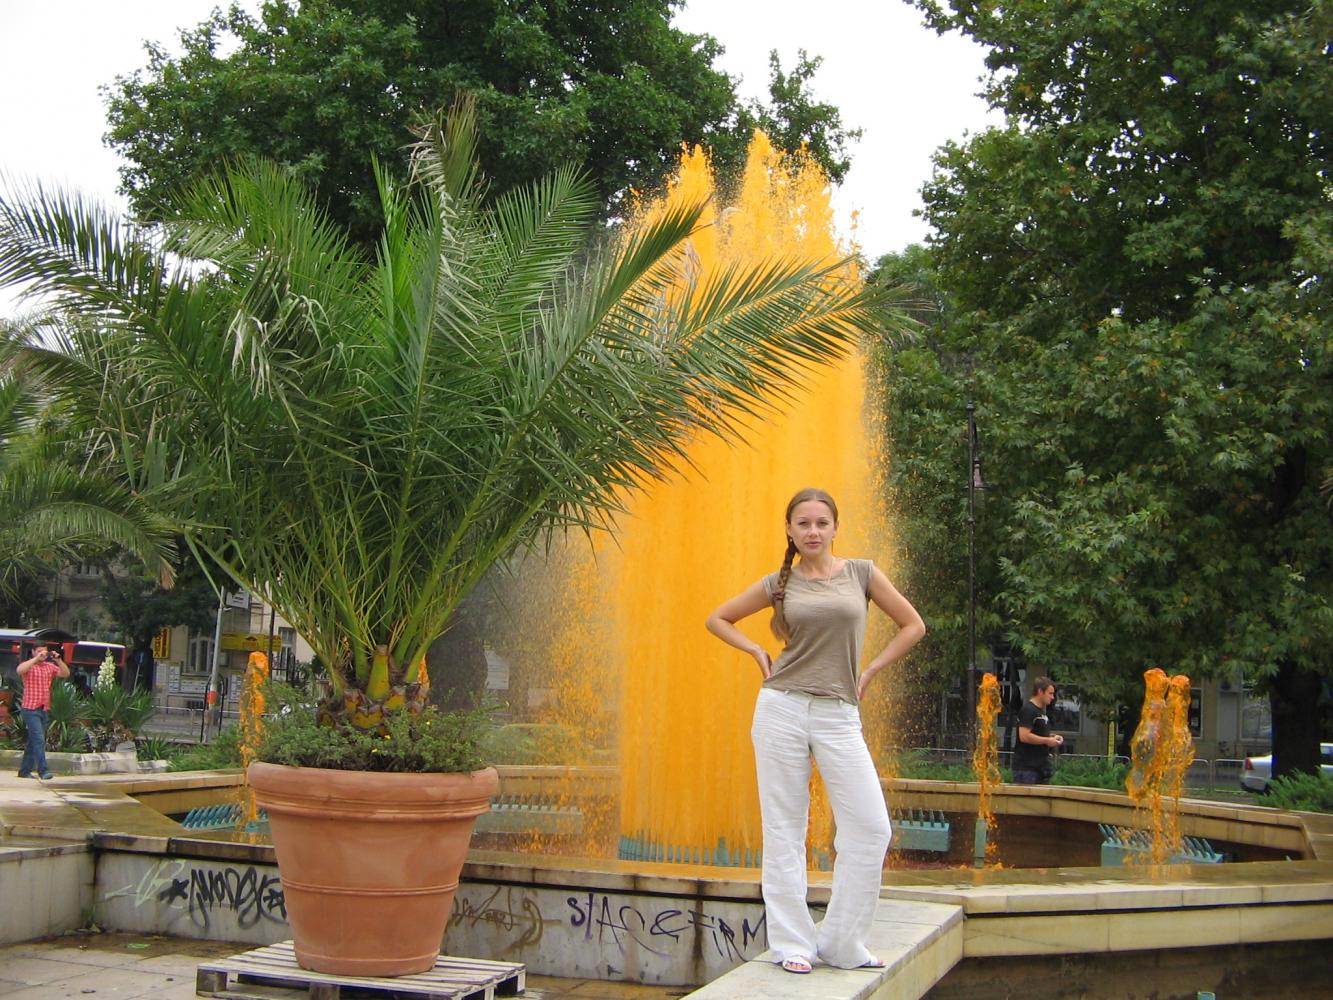 местный один из самых больших фонтанов